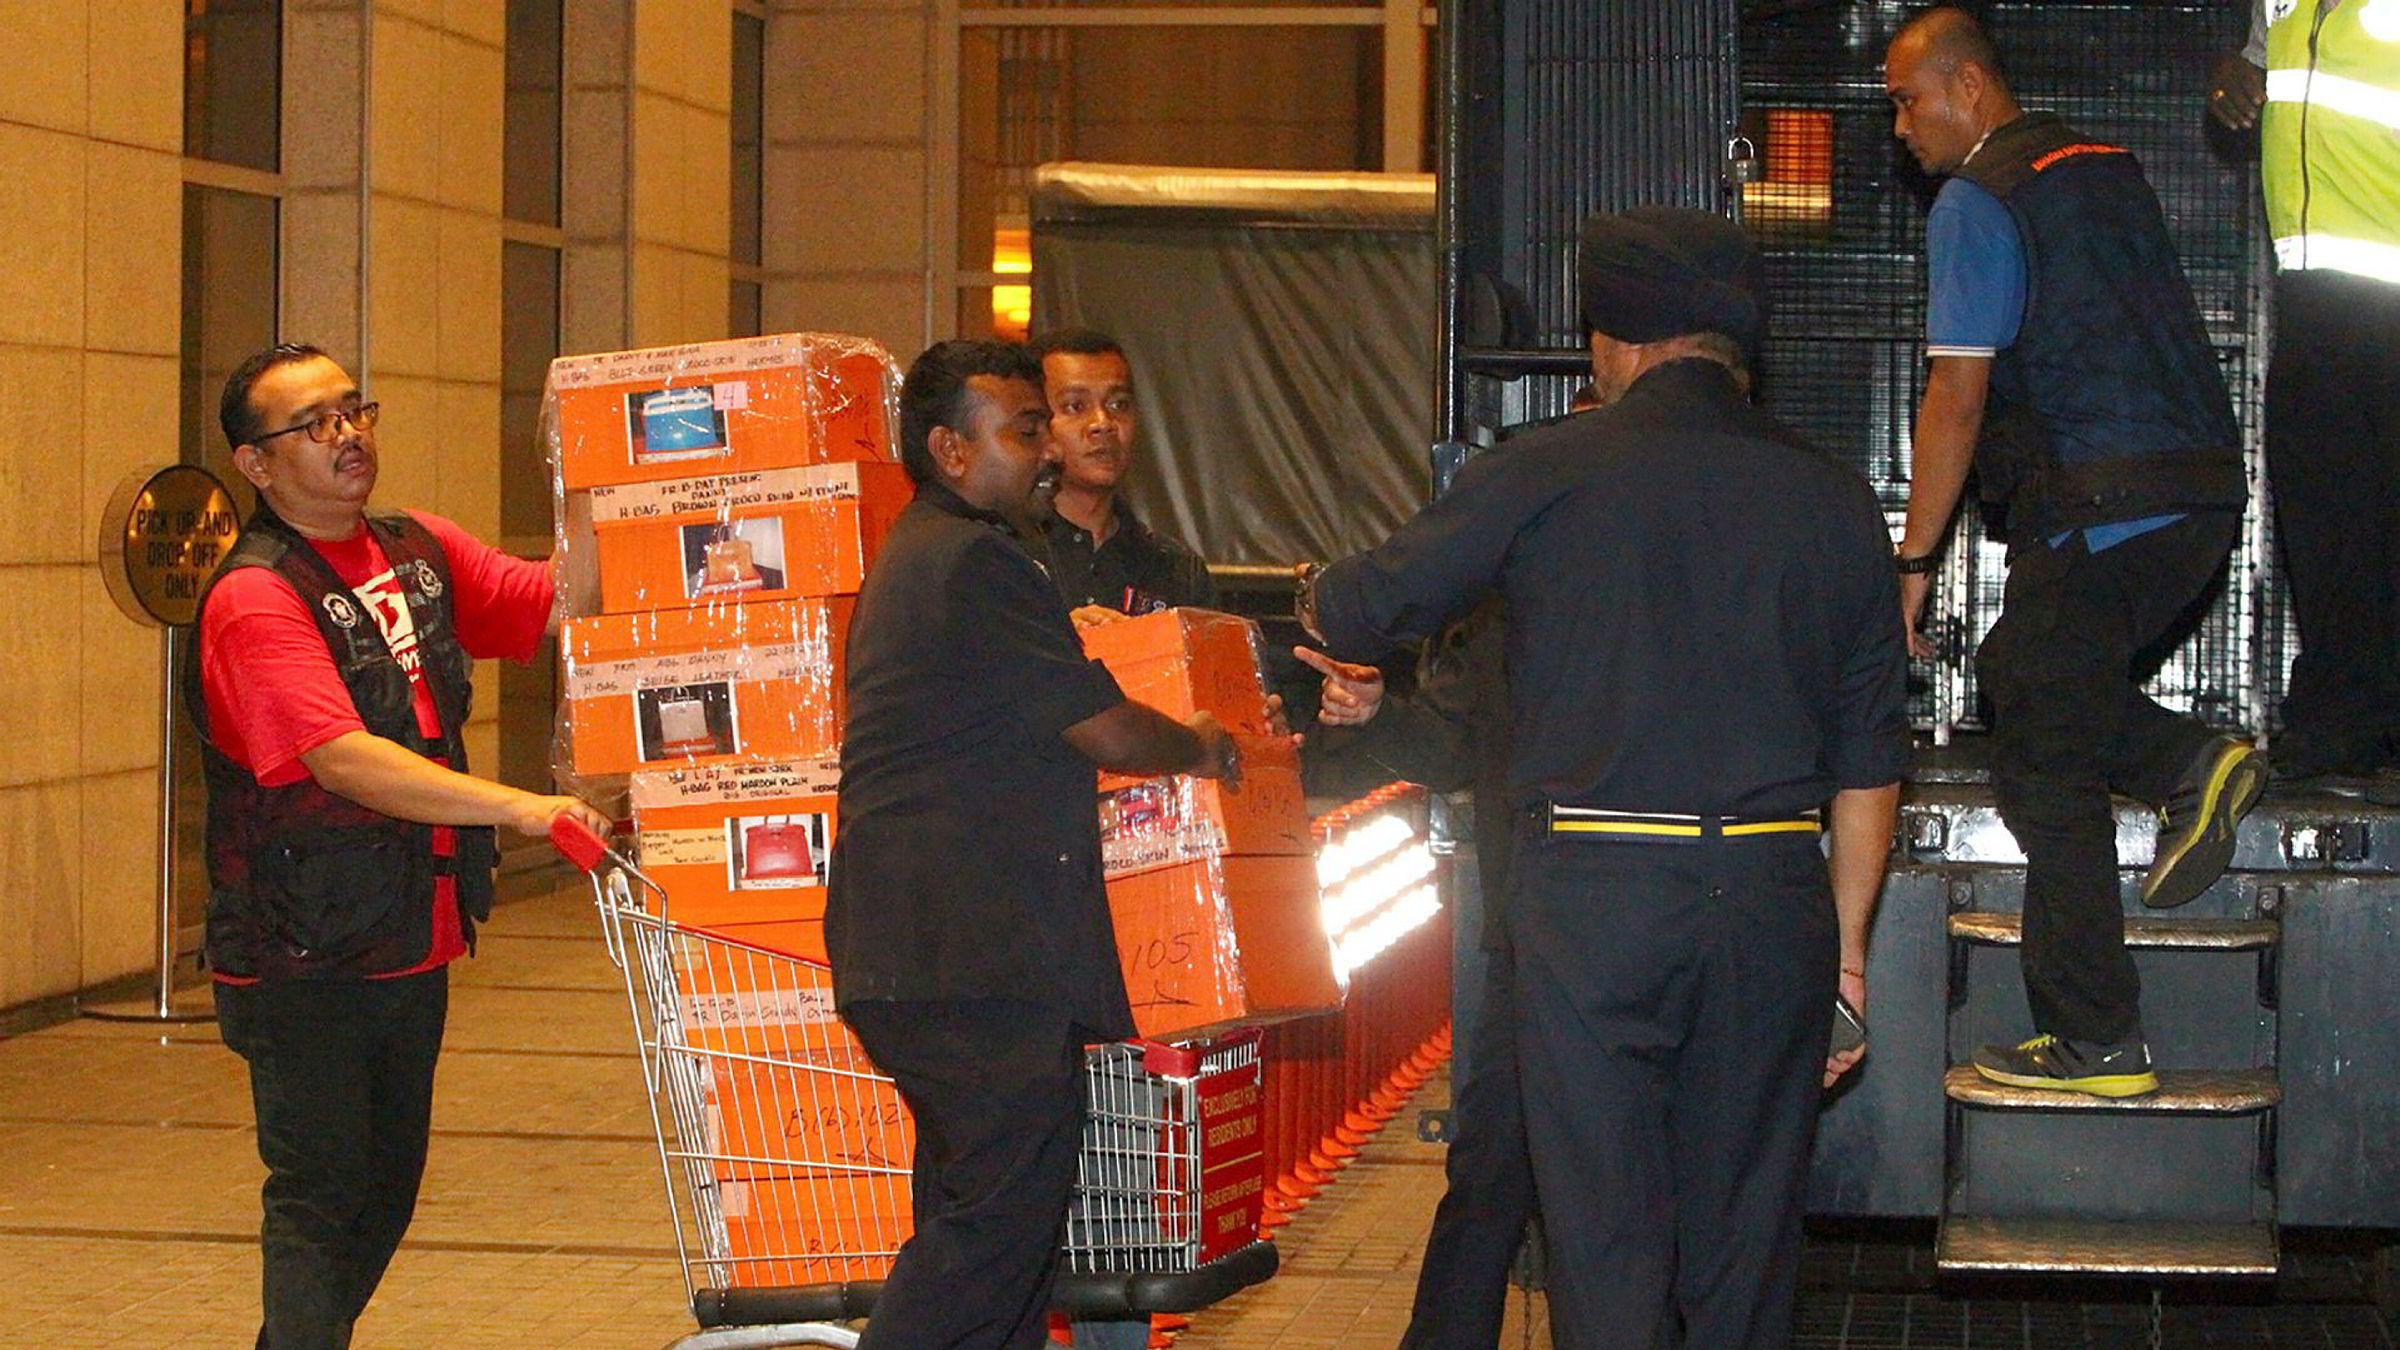 Politi beslagla juveler, smykker, kontanter og juveler i rassiaer mot leiligheter eid av Malaysias tidligere statsminister natt til fredag. – Det er umulig å fastslå verdiene så tidlig. Enkelte av juvelene og smykkene er veldig store, ifølge politidirektør Amar Singh.